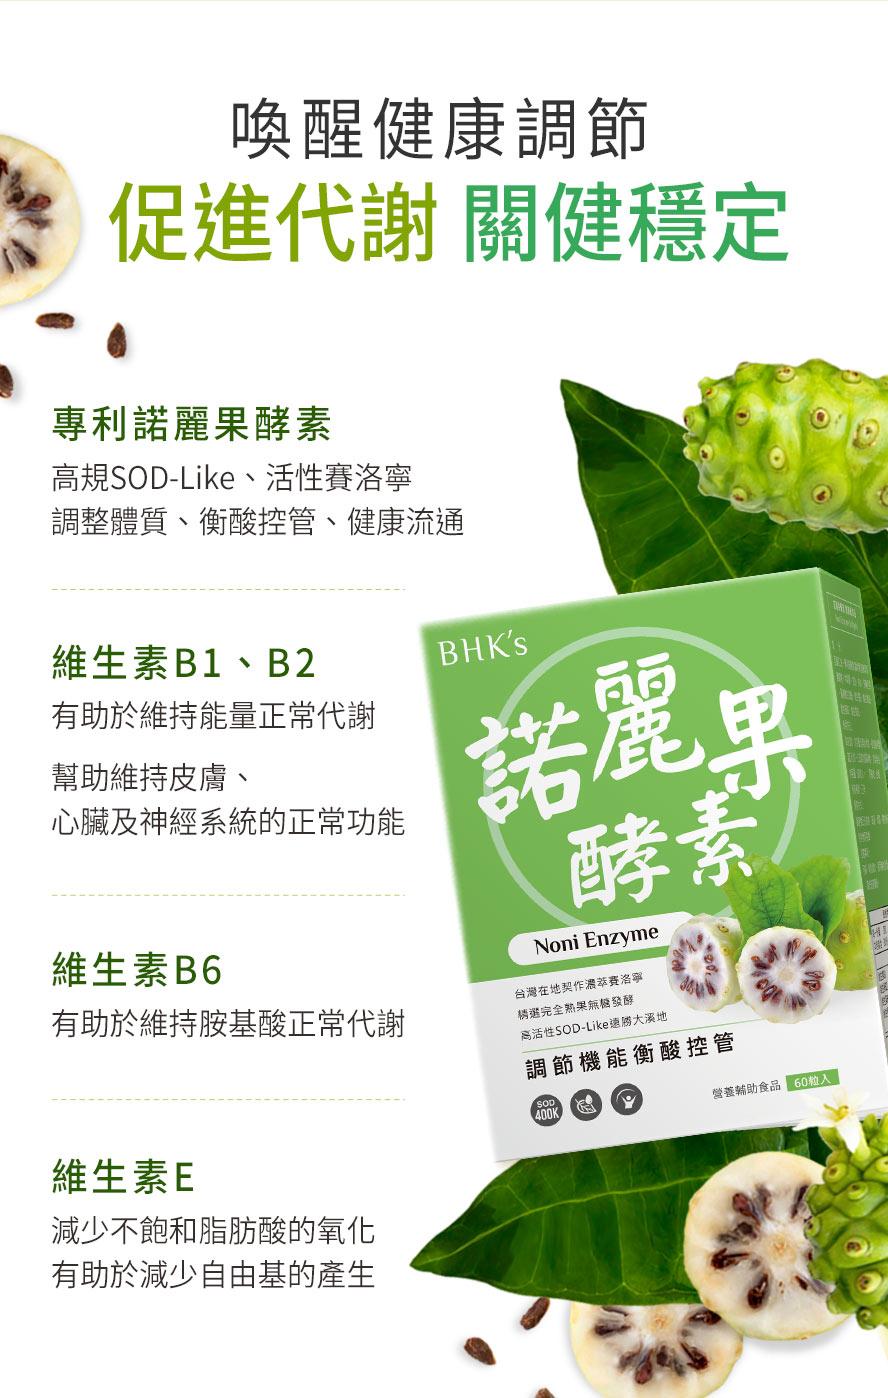 BHK's諾麗果含豐富SOD-Like與活性賽洛寧,能瓦解關節結晶、免疫力提升,添加維生素B1、B2、B6、E,維持胺基酸正常代謝、維持健康。